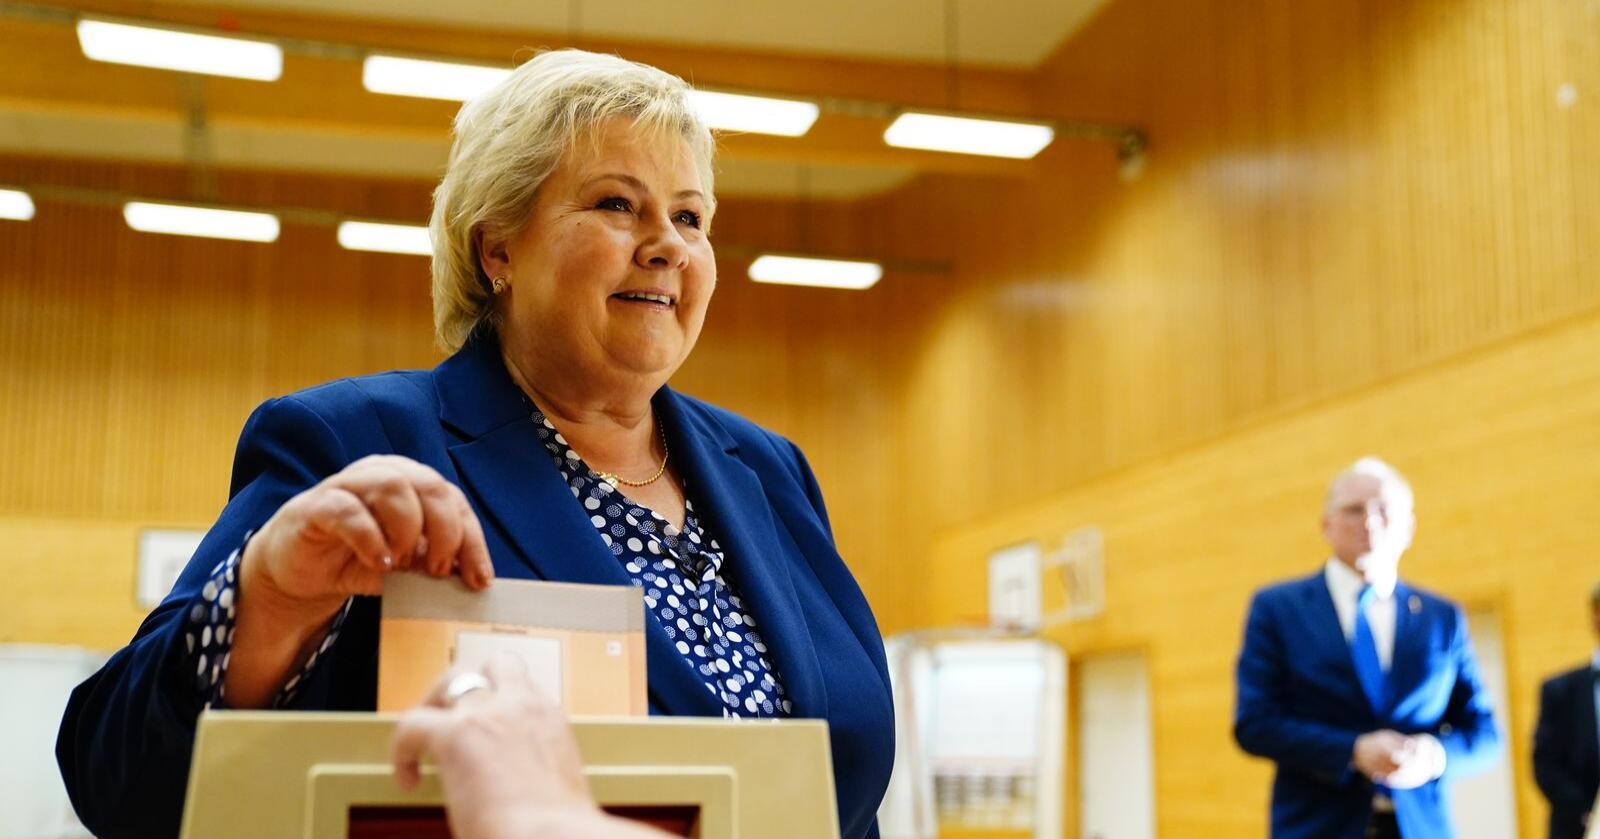 Statsminister Erna Solberg (H) avga sin stemme i stortingsvalget 2021 på Skjold skole i Bergen mandag formiddag. Foto: Håkon Mosvold Larsen / NTB